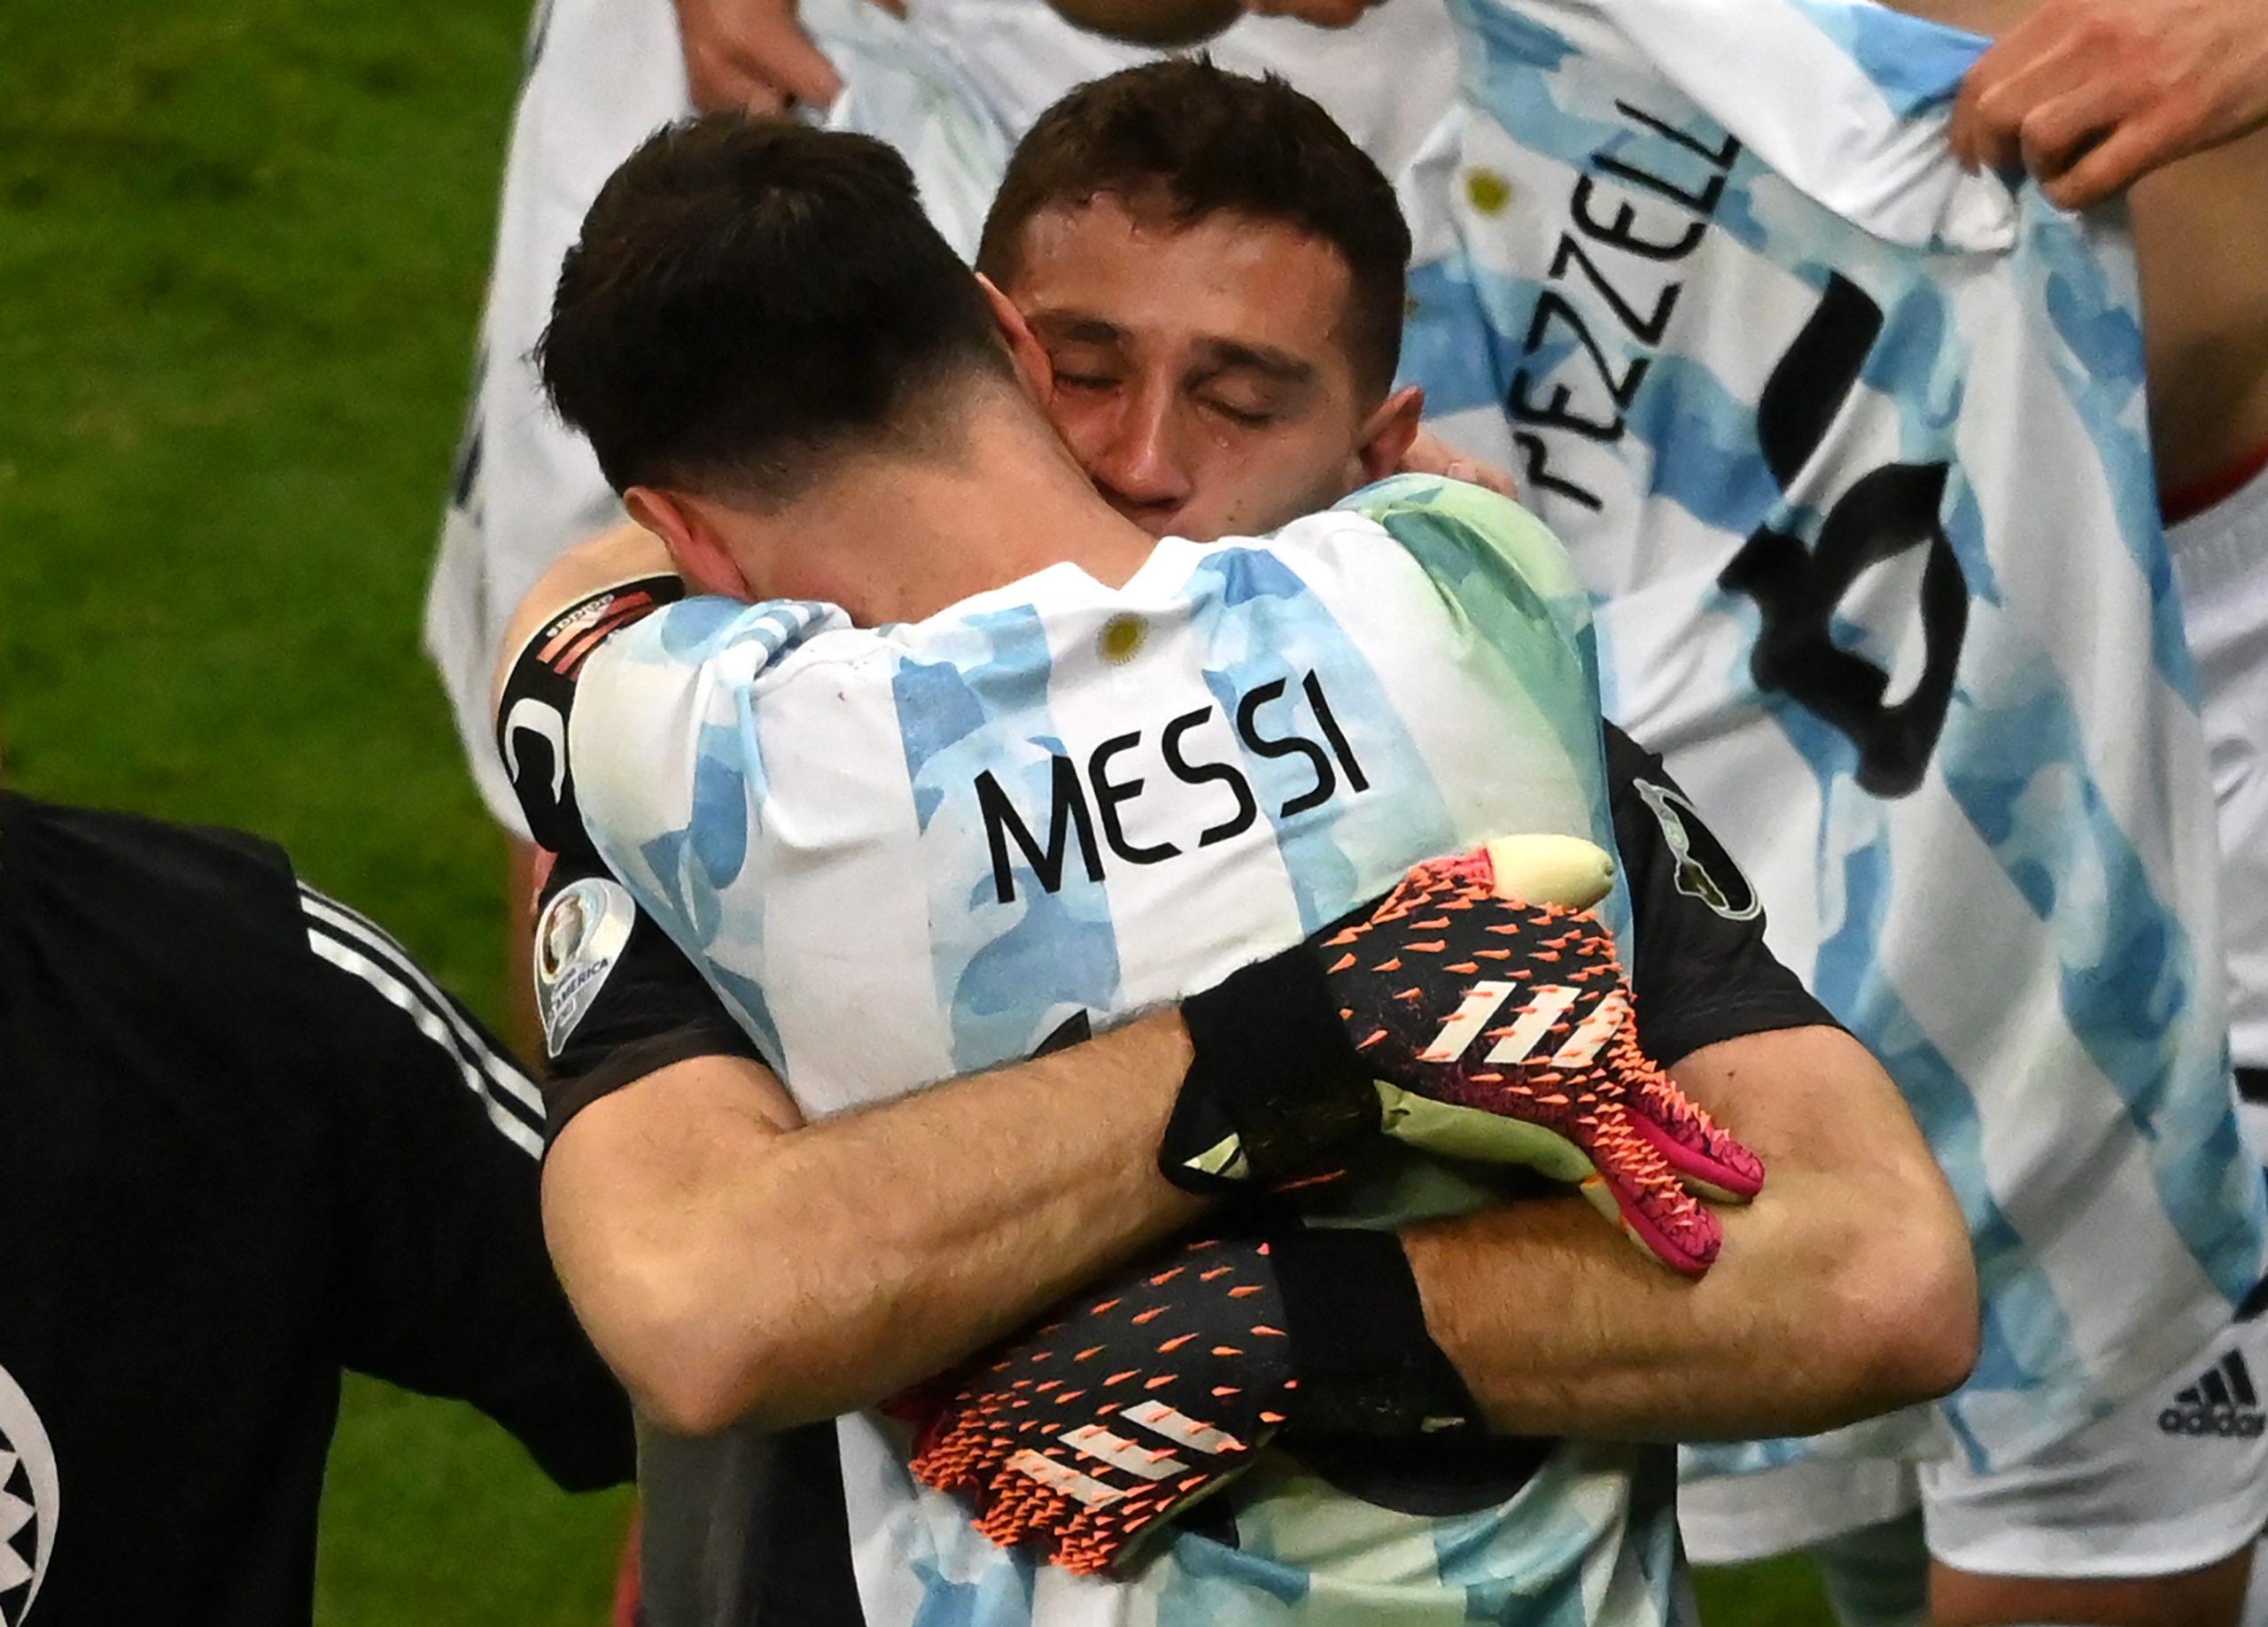 Messi busca lo que no consiguieron ni Maradona ni Pelé